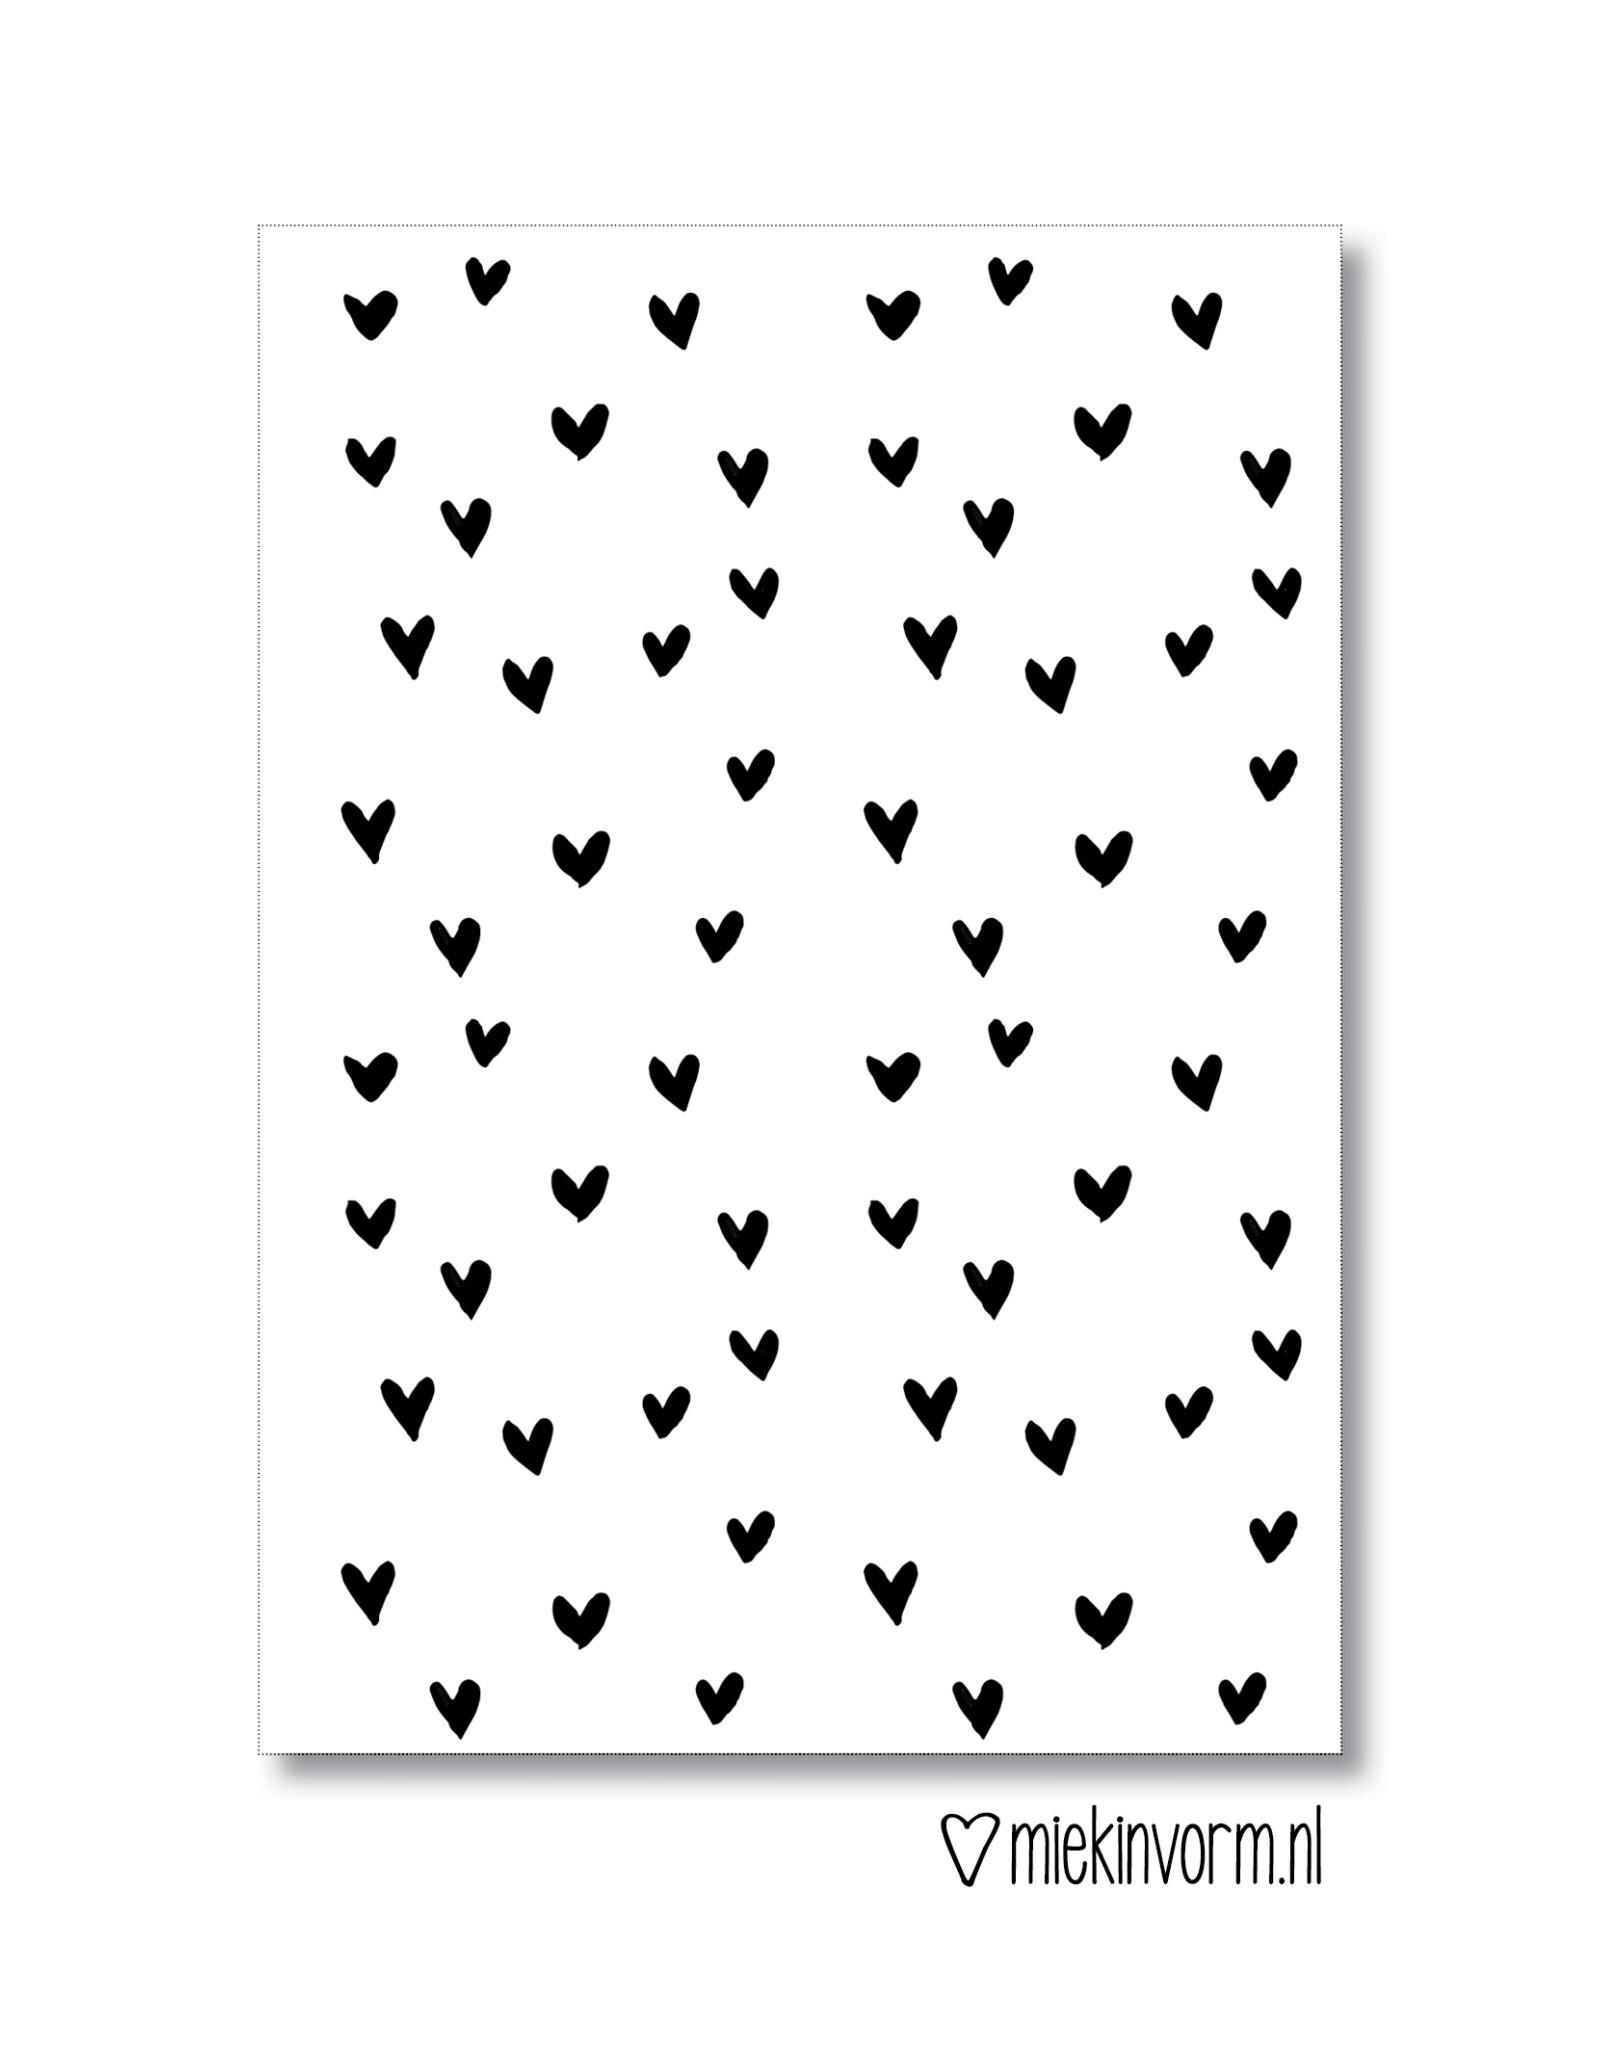 Miek in vorm kaart a6 miek in vorm: hartjes zwart wit